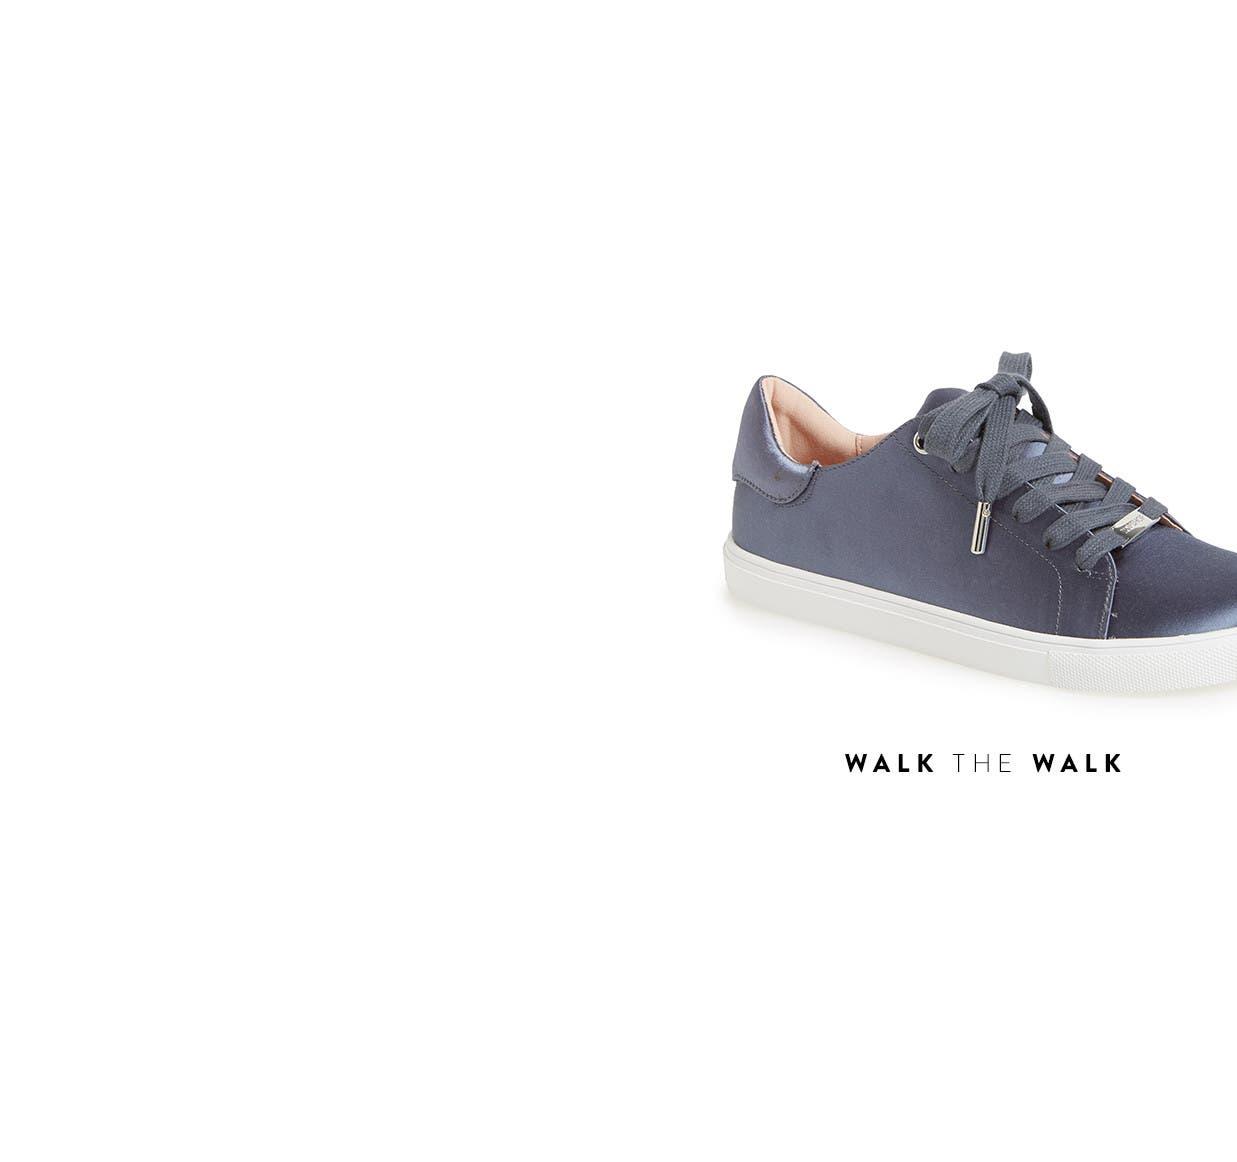 Walk the walk in trending footwear.